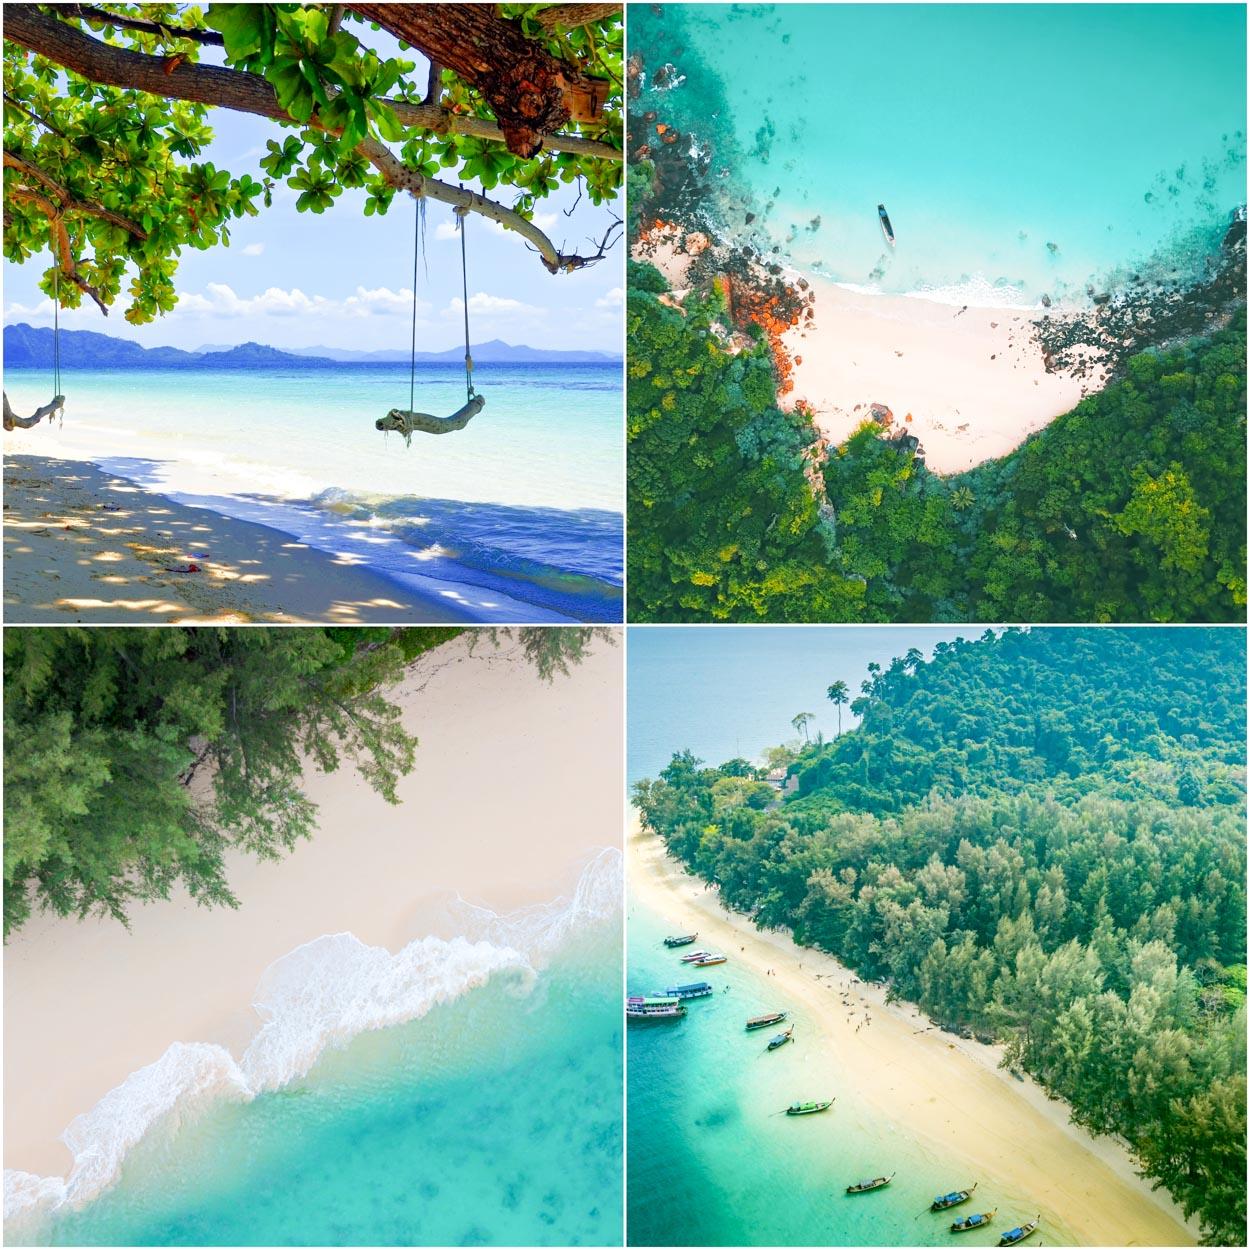 จุดถ่ายรูปวิวสวยๆ พกกล้องมารัวชัตเตอร์กันรัวๆ เกาะกระดานเกาะที่สวยที่สุดของทะเลตรัง